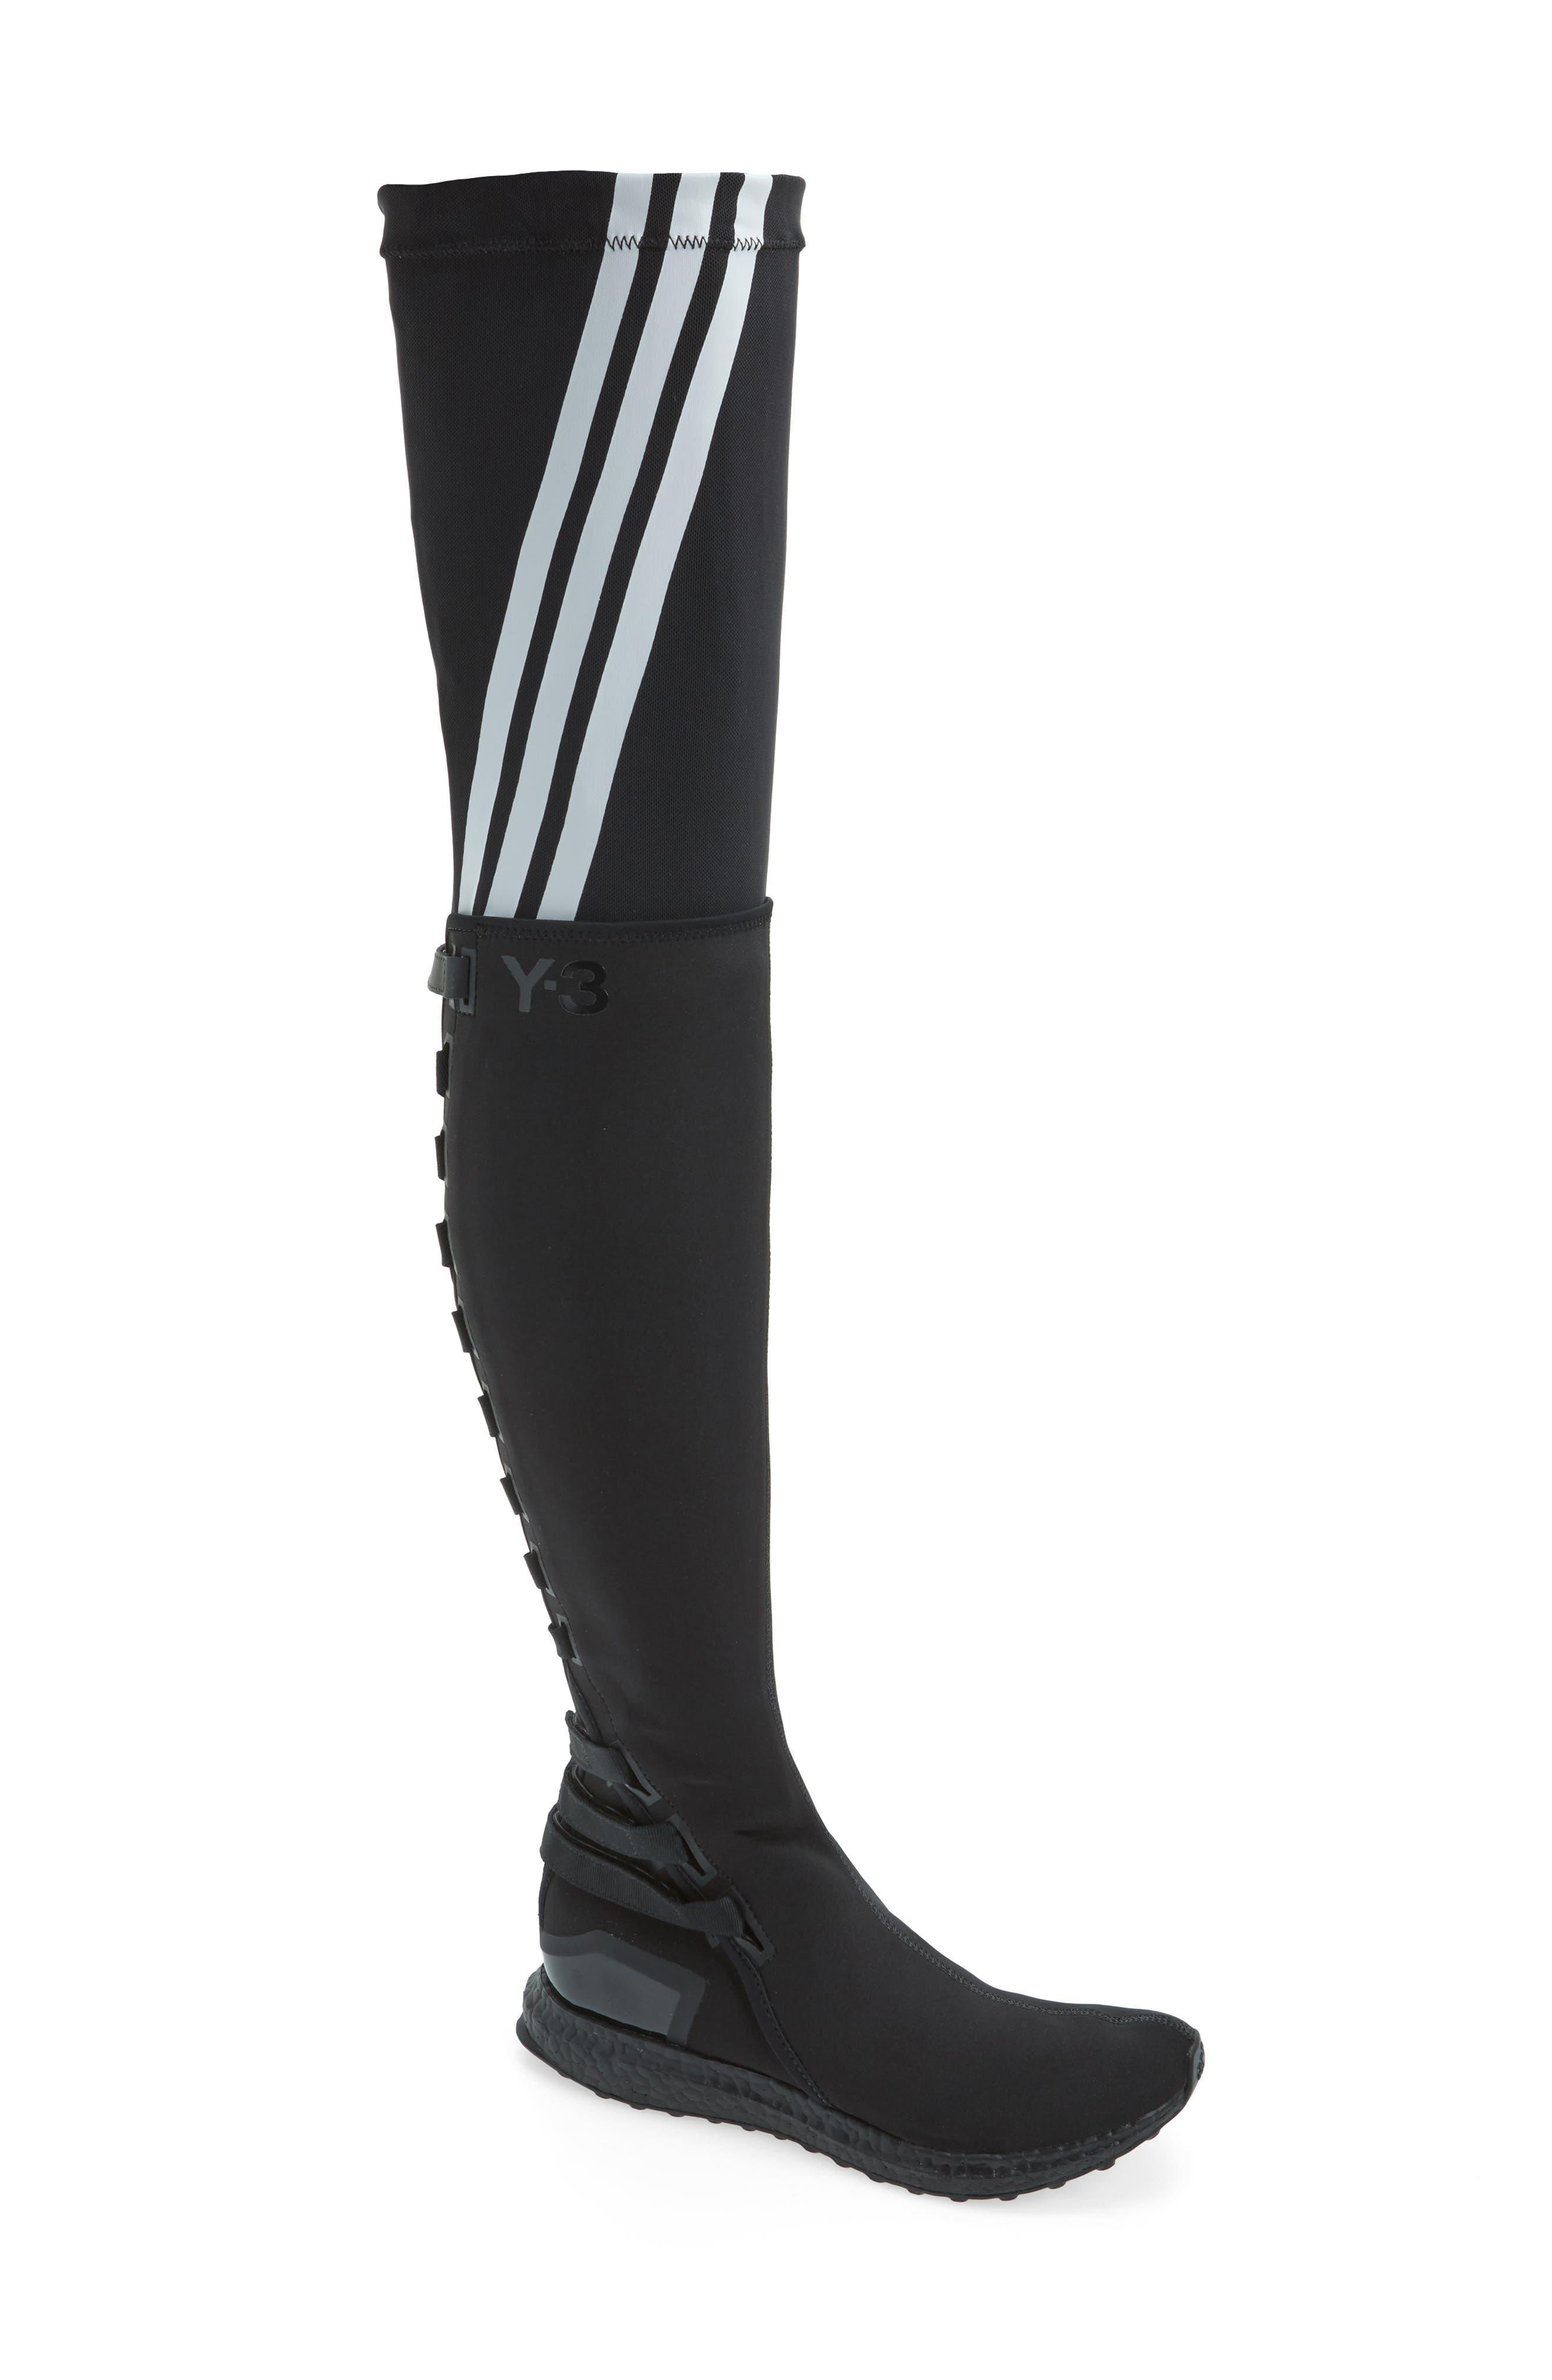 Y-3 Zazu Over the Knee Sneaker Boot (Women)